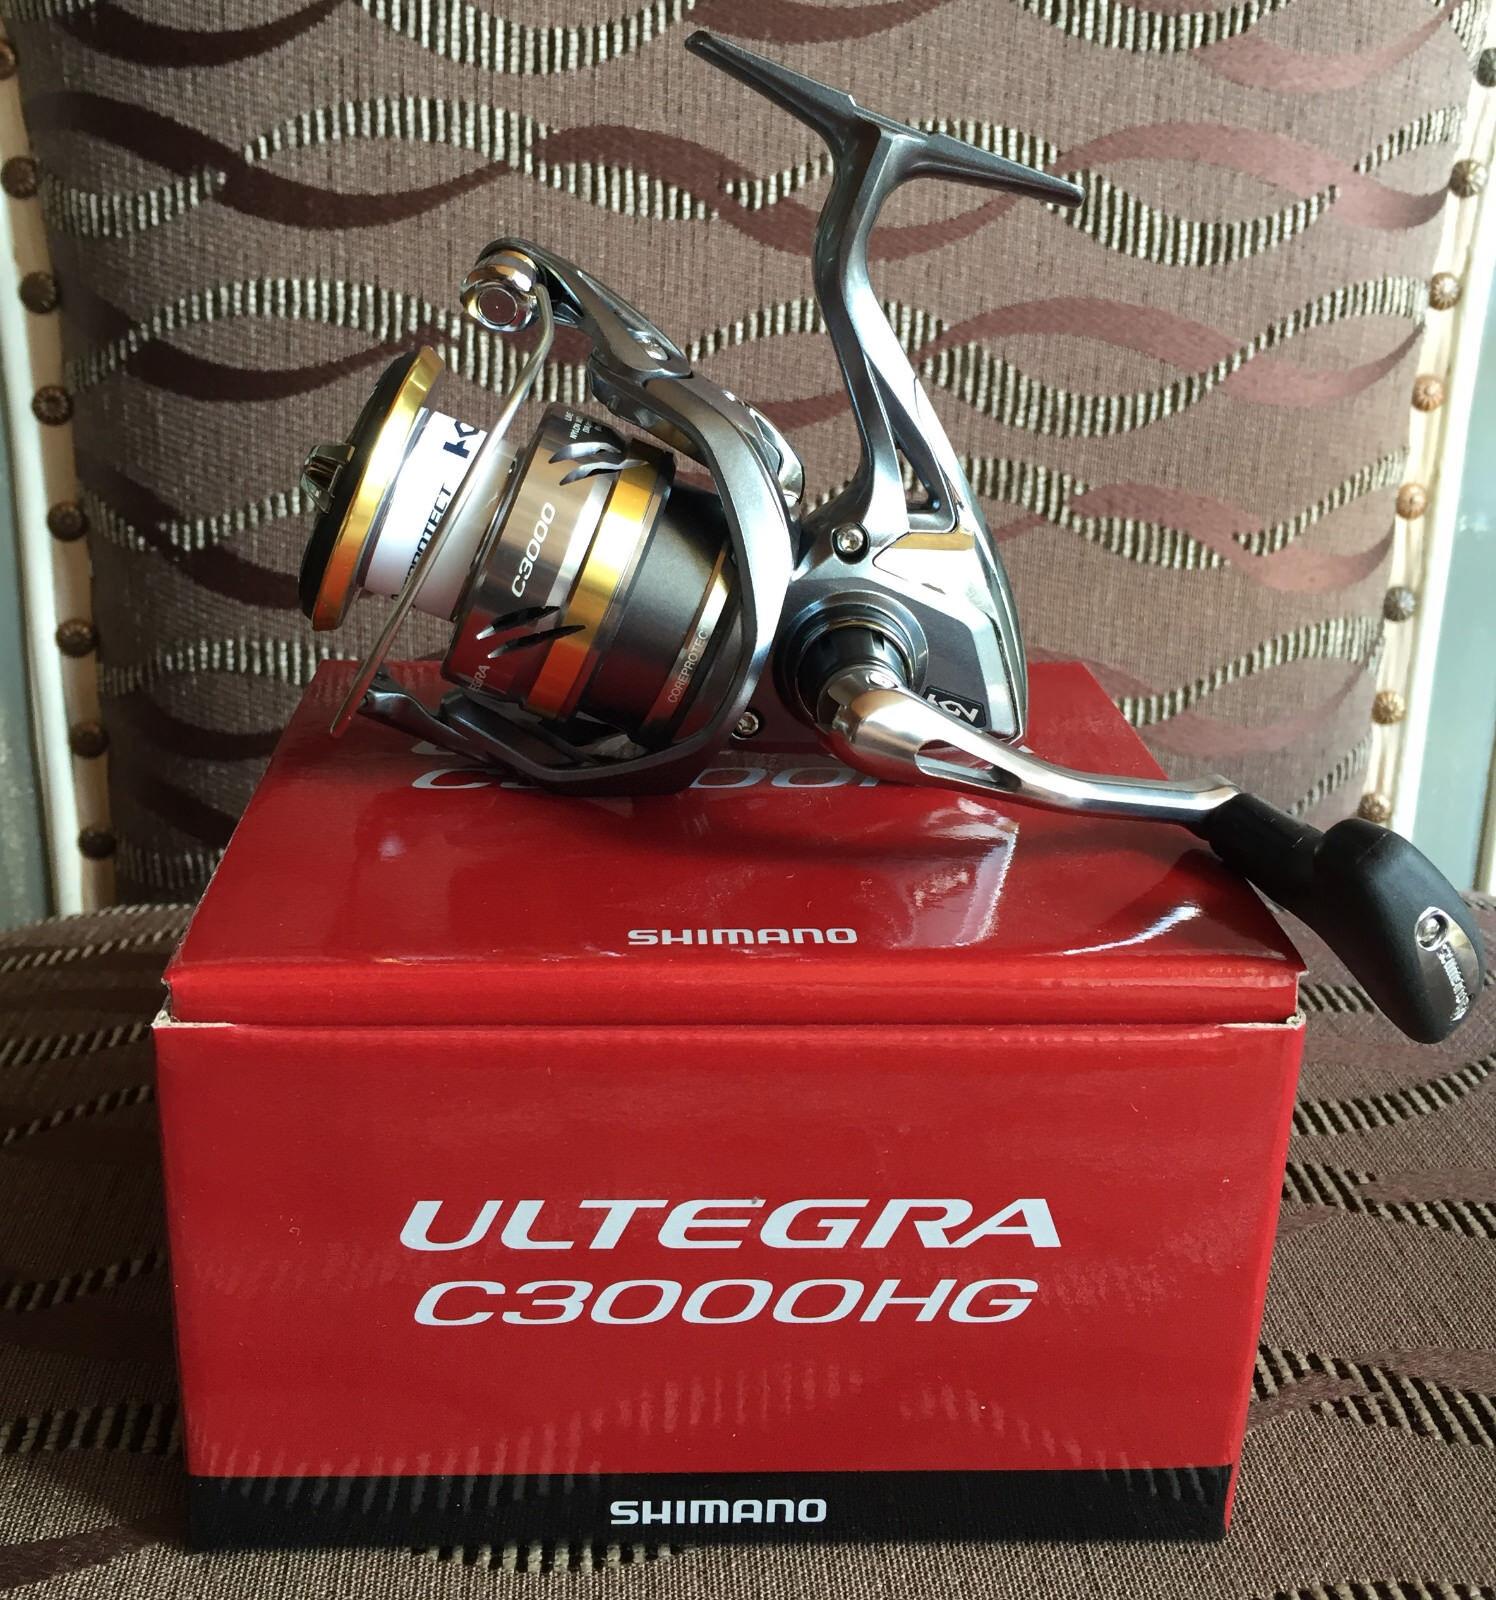 Shimano Ultegra c3000hg c3000hg Ultegra FB spinnrolle cc236f